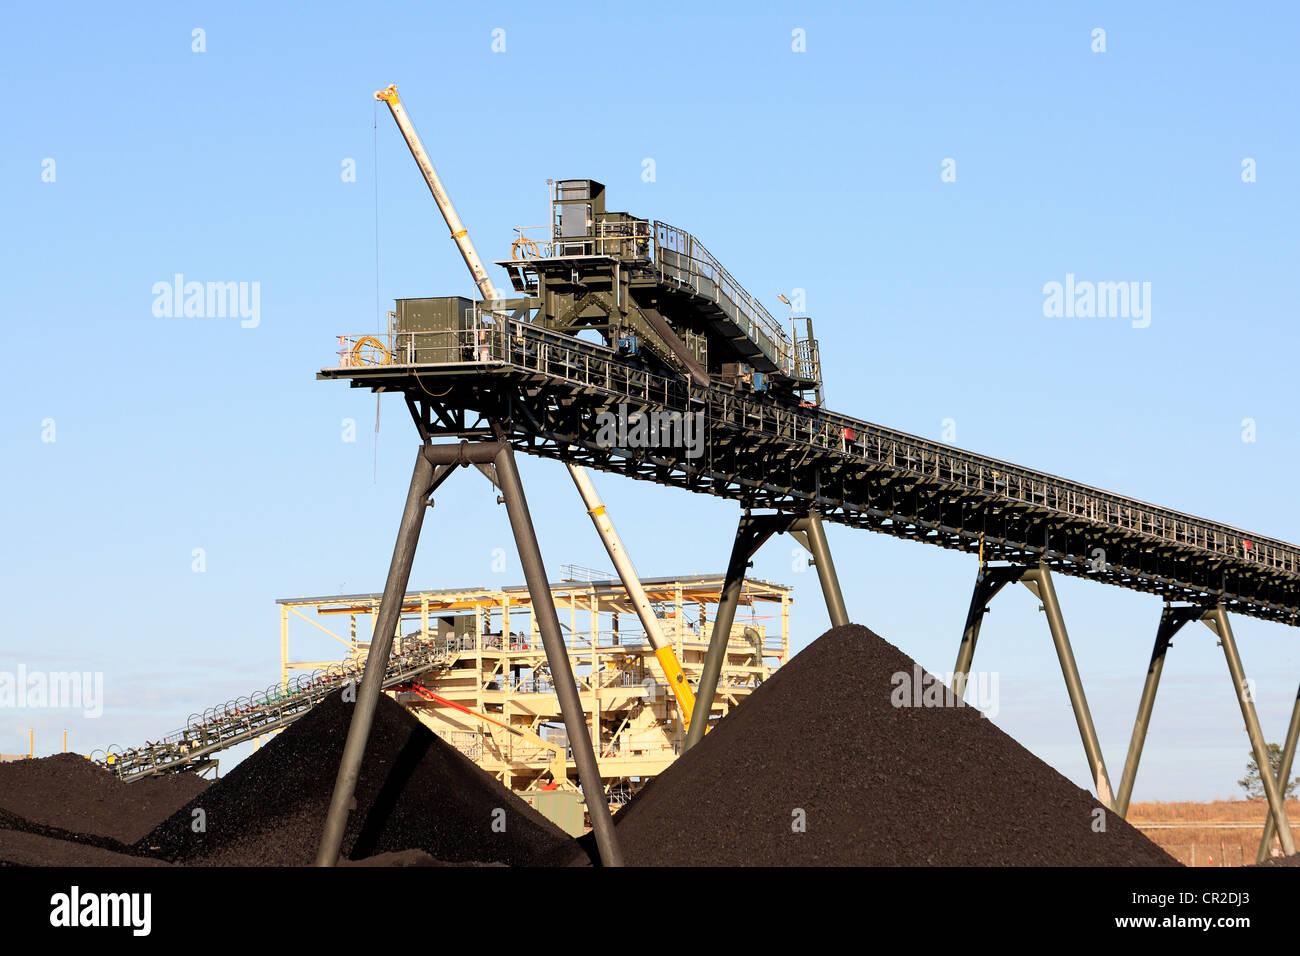 Coal Mining Conveyor Belt and piles of coal. - Stock Image